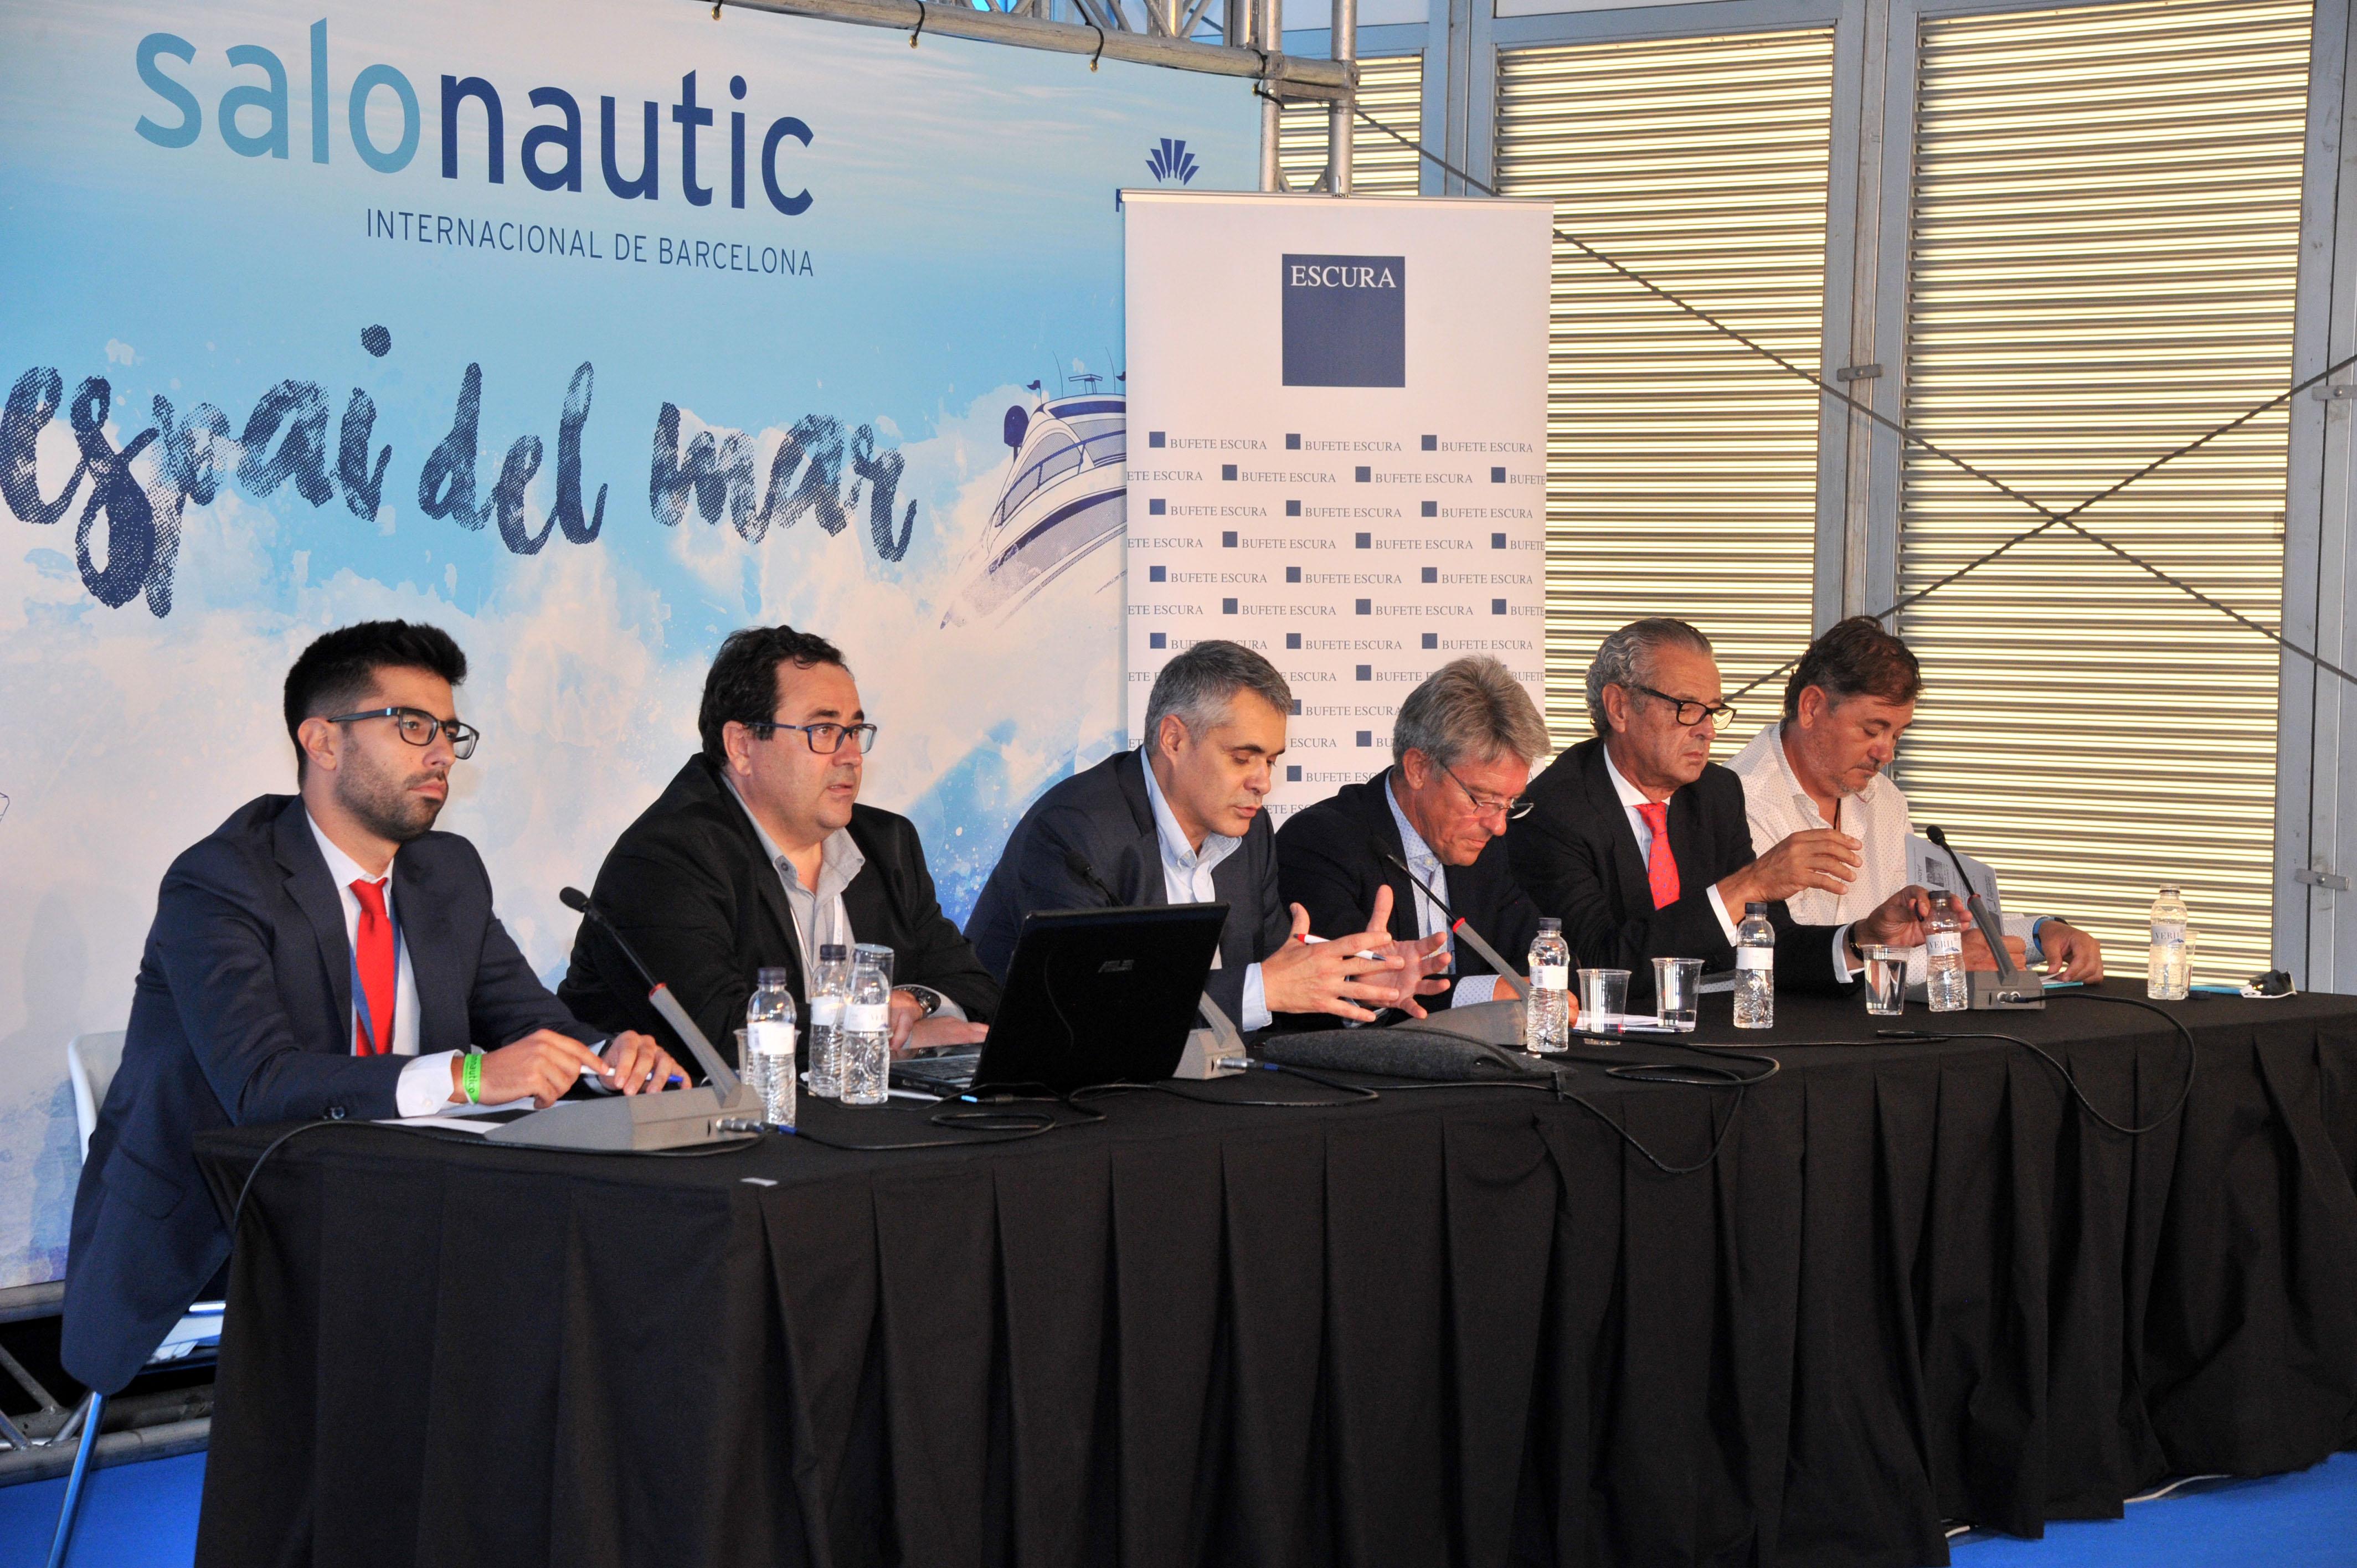 Presentació de l'estudi econòmic del sector nàutic